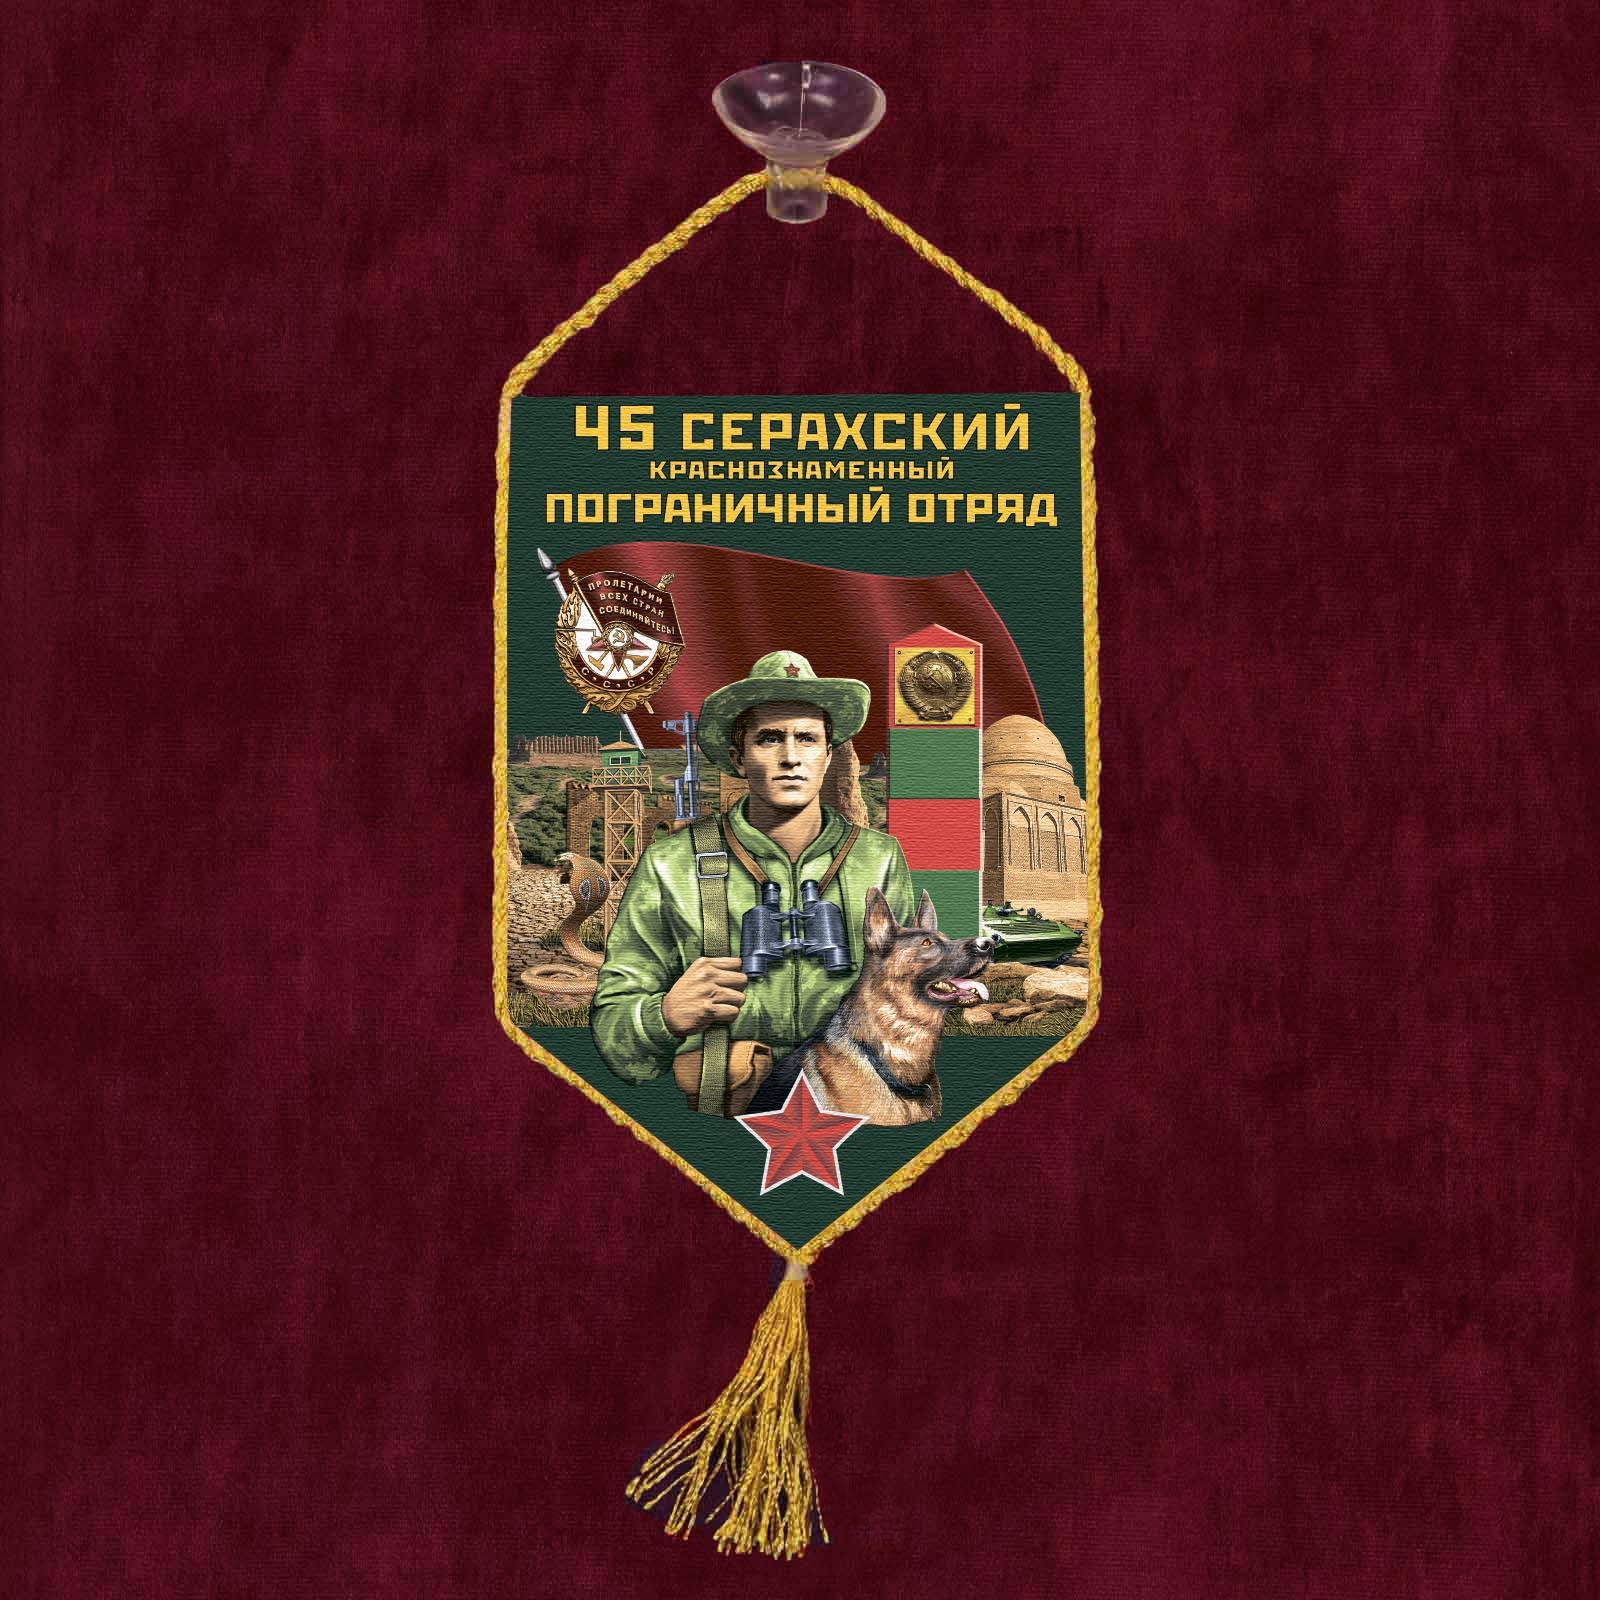 """Автомобильный вымпел """"45 Серахский пограничный отряд"""""""